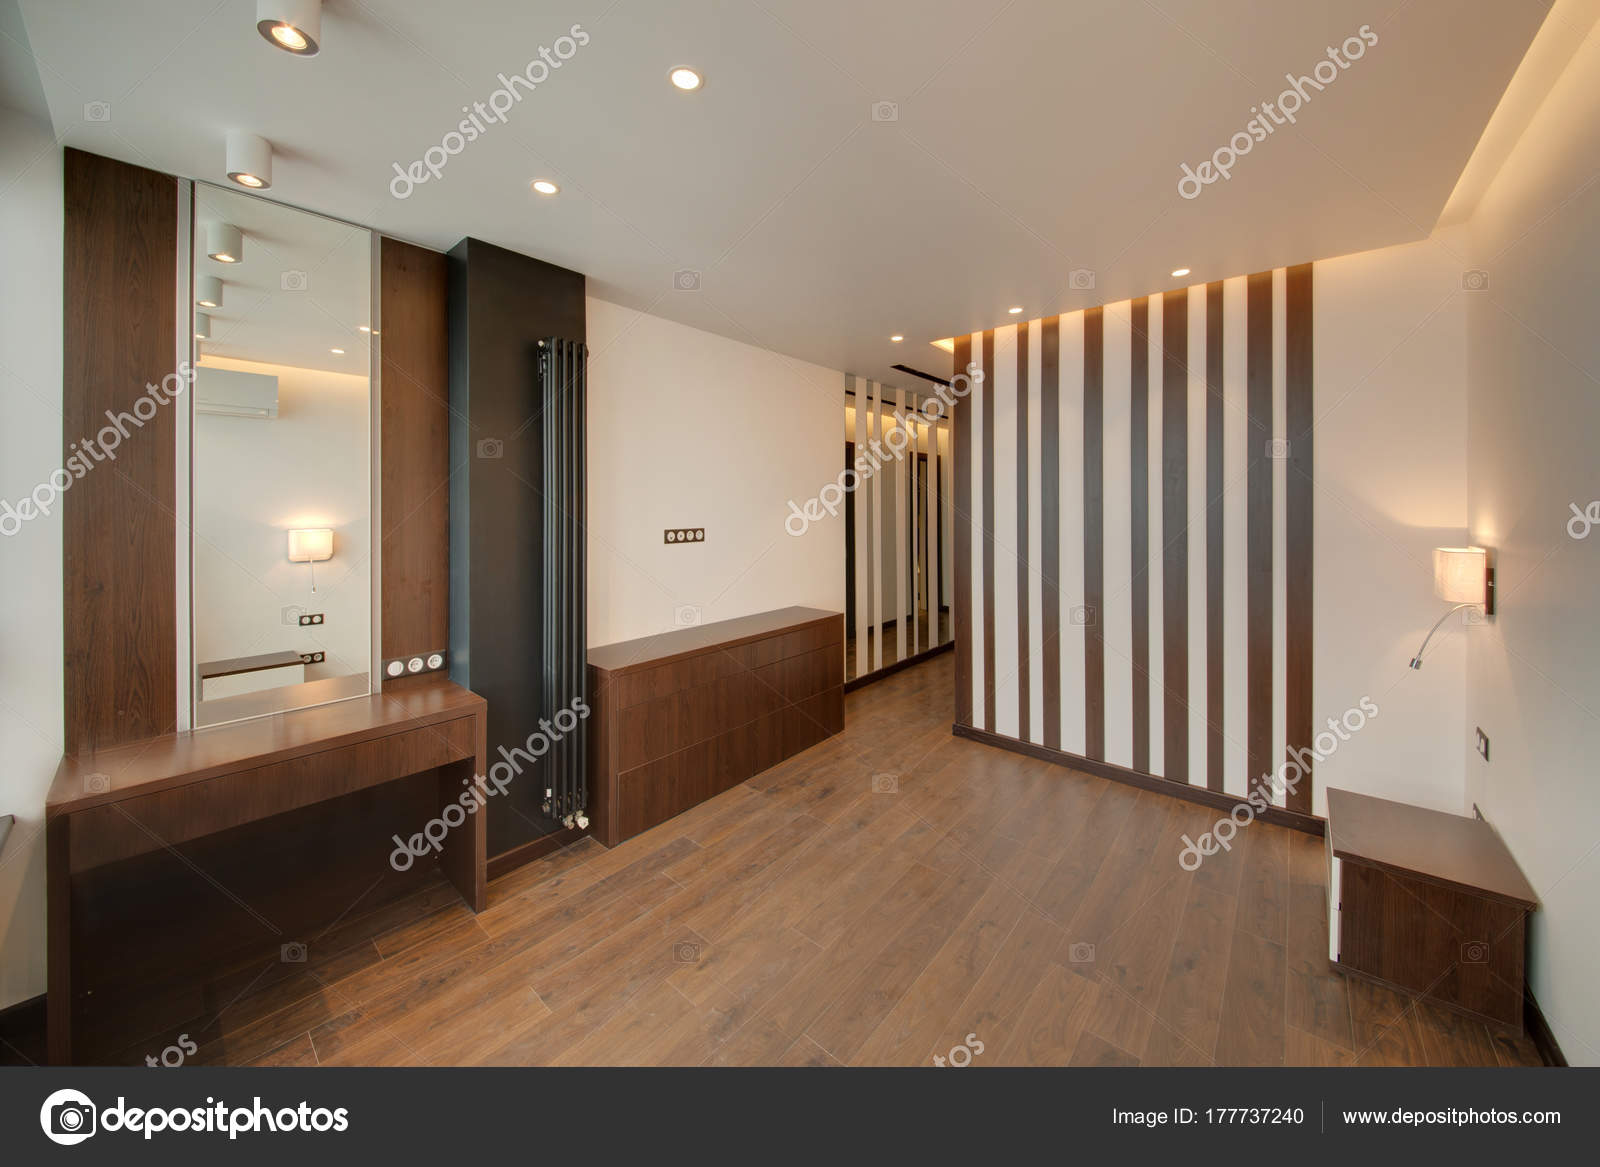 Das Schlafzimmer Braunen Tonen Mit Hellen Wanden Und Ein Dunkler